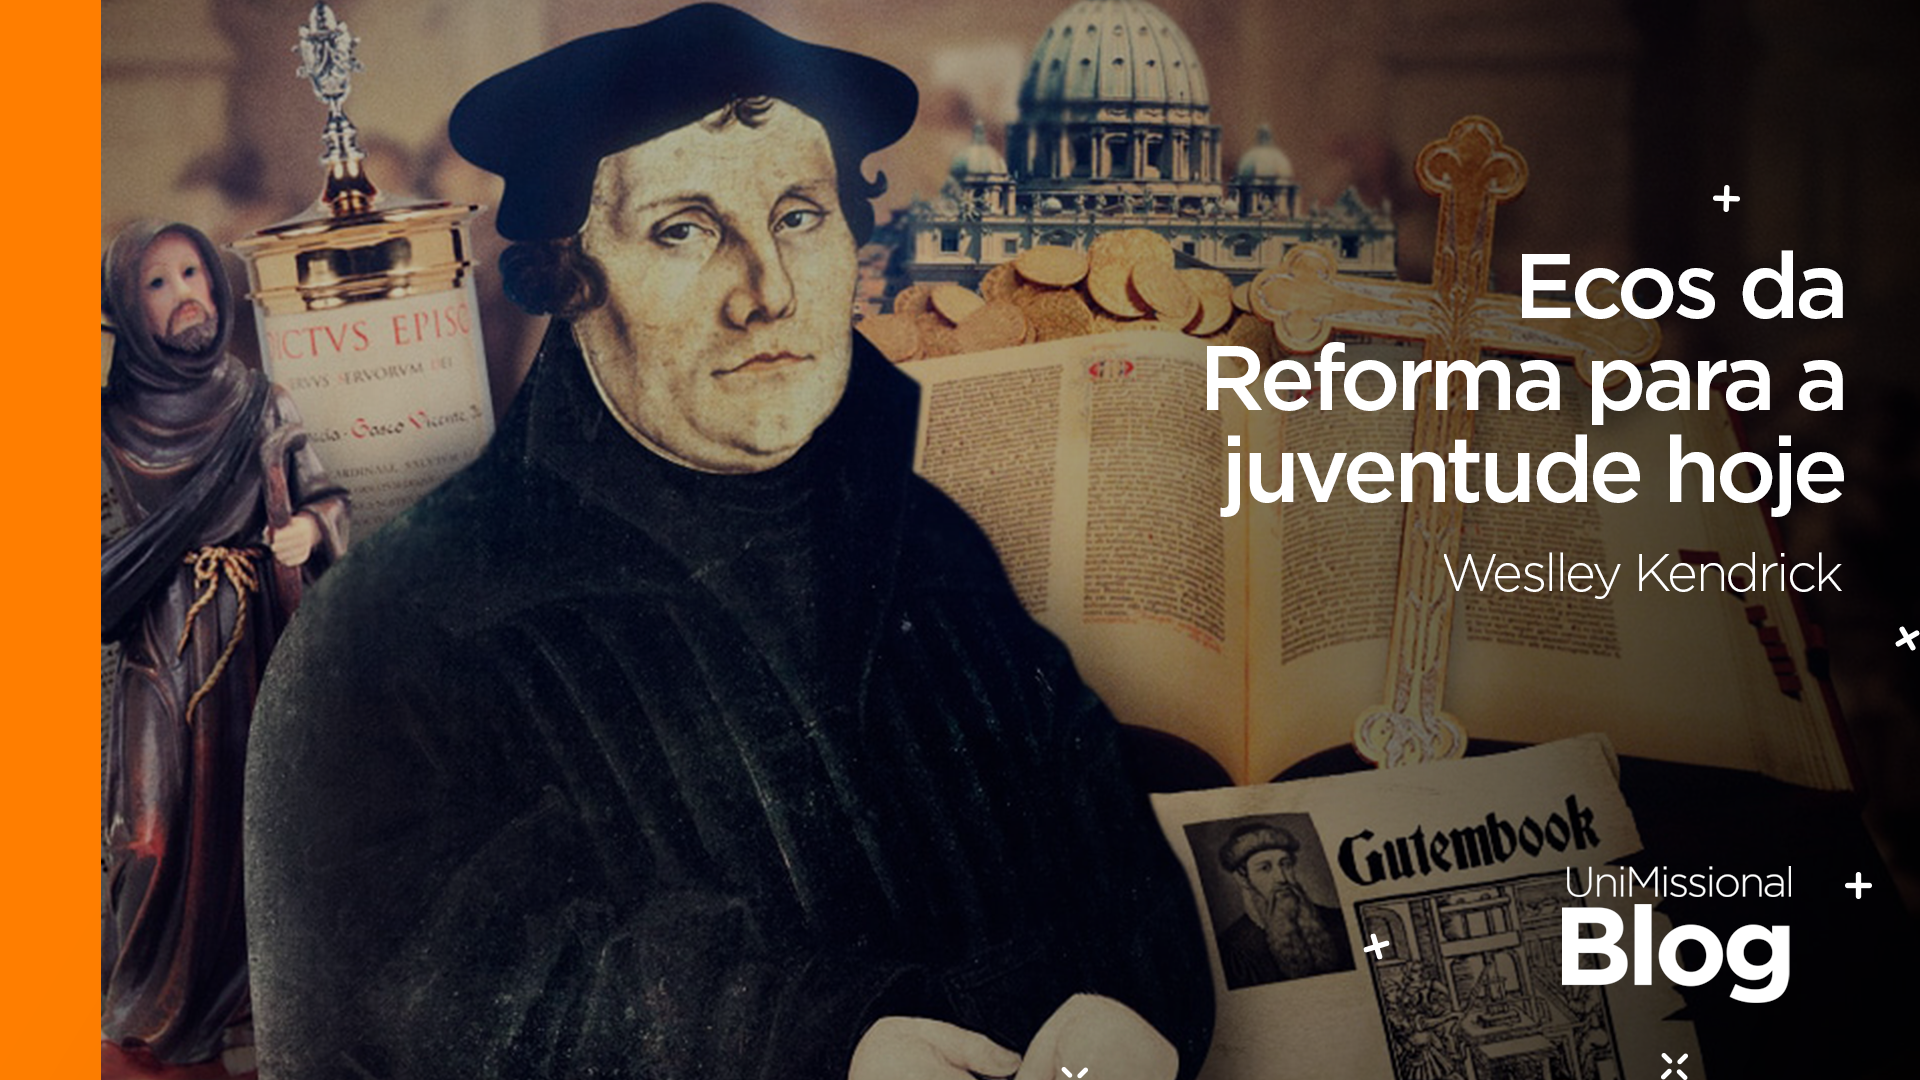 Ecos da Reforma para a juventude hoje